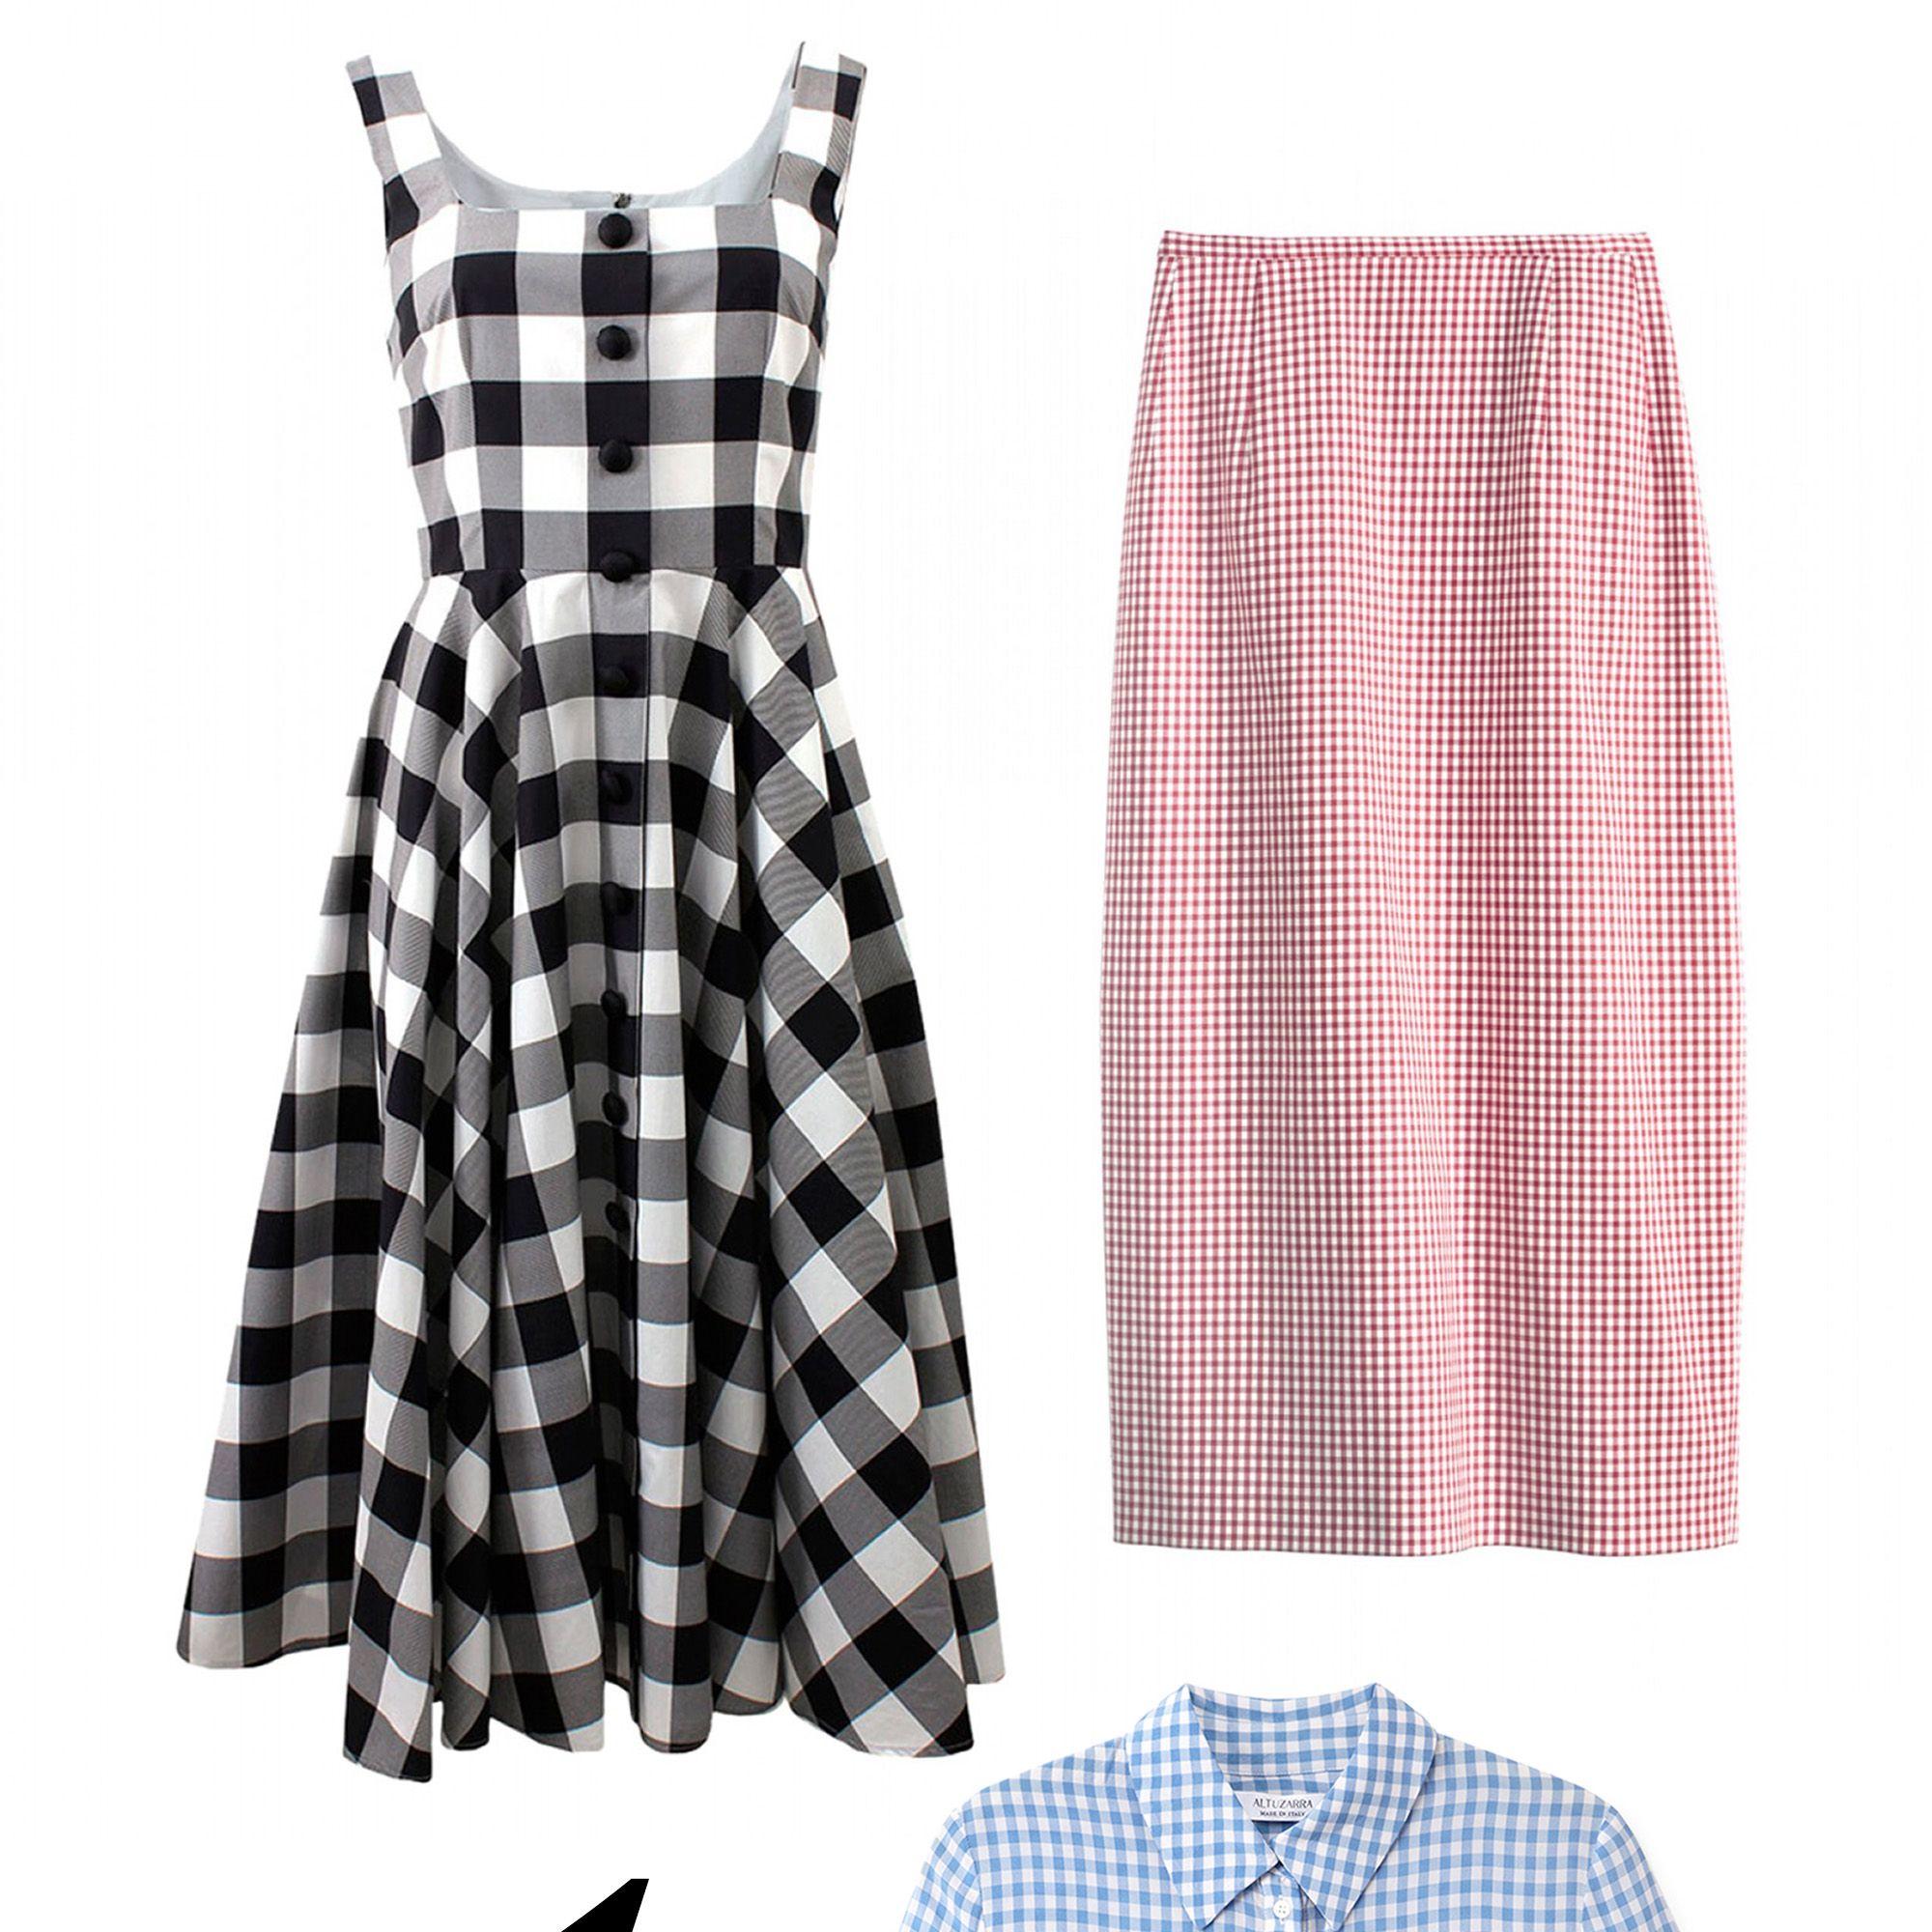 """<em>Dolce &amp&#x3B; Gabbana dress, $2,295, <a href=""""http://shop.harpersbazaar.com/designers/dolce-gabbana/cotton-gingham-dress/"""" target=""""_blank"""">shopBAZAAR.com</a>&#x3B; Altuzarra shirt, $990, <a href=""""http://shop.harpersbazaar.com/designers/altuzarra/volpone-gingham-shirt/"""" target=""""_blank"""">shopBAZAAR.com</a>&#x3B; Michael Kors skirt, $575, <a href=""""http://shop.harpersbazaar.com/designers/michael-kors/gingham-pencil-skirt"""" target=""""_blank"""">shopBAZAAR.com</a>.</em>"""